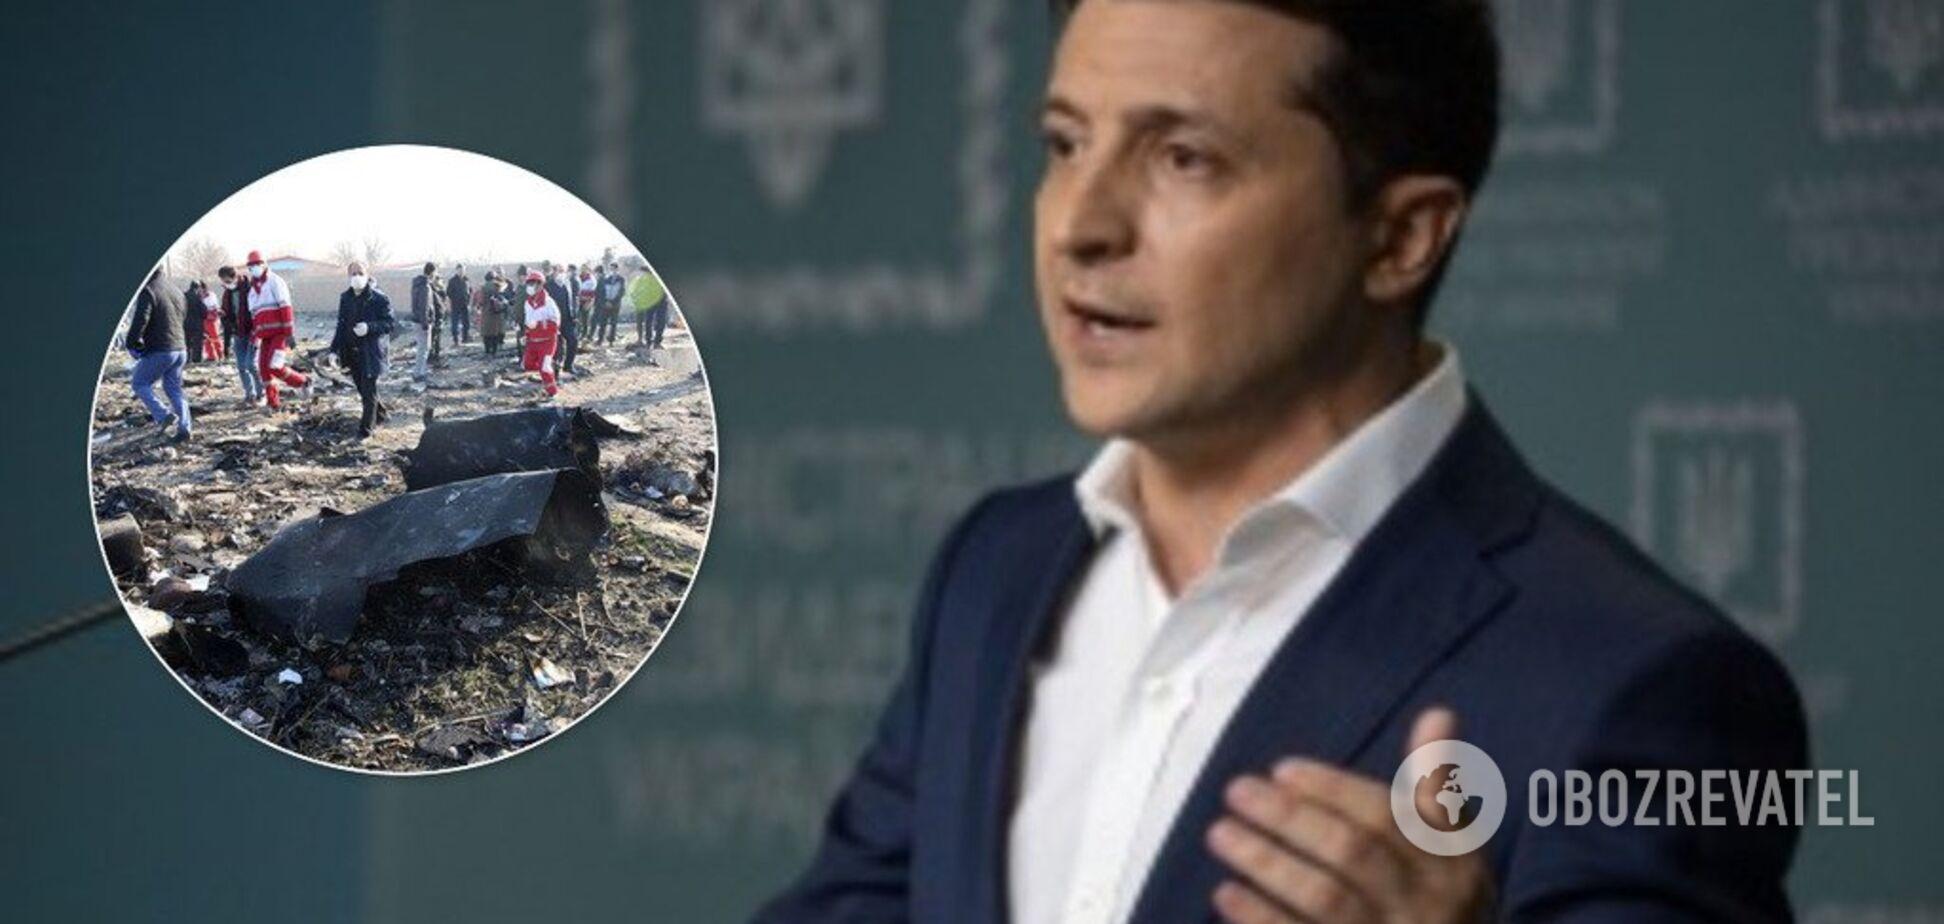 Зеленскому отчитались о катастрофе с самолетом МАУ в Иране: детали решили скрыть